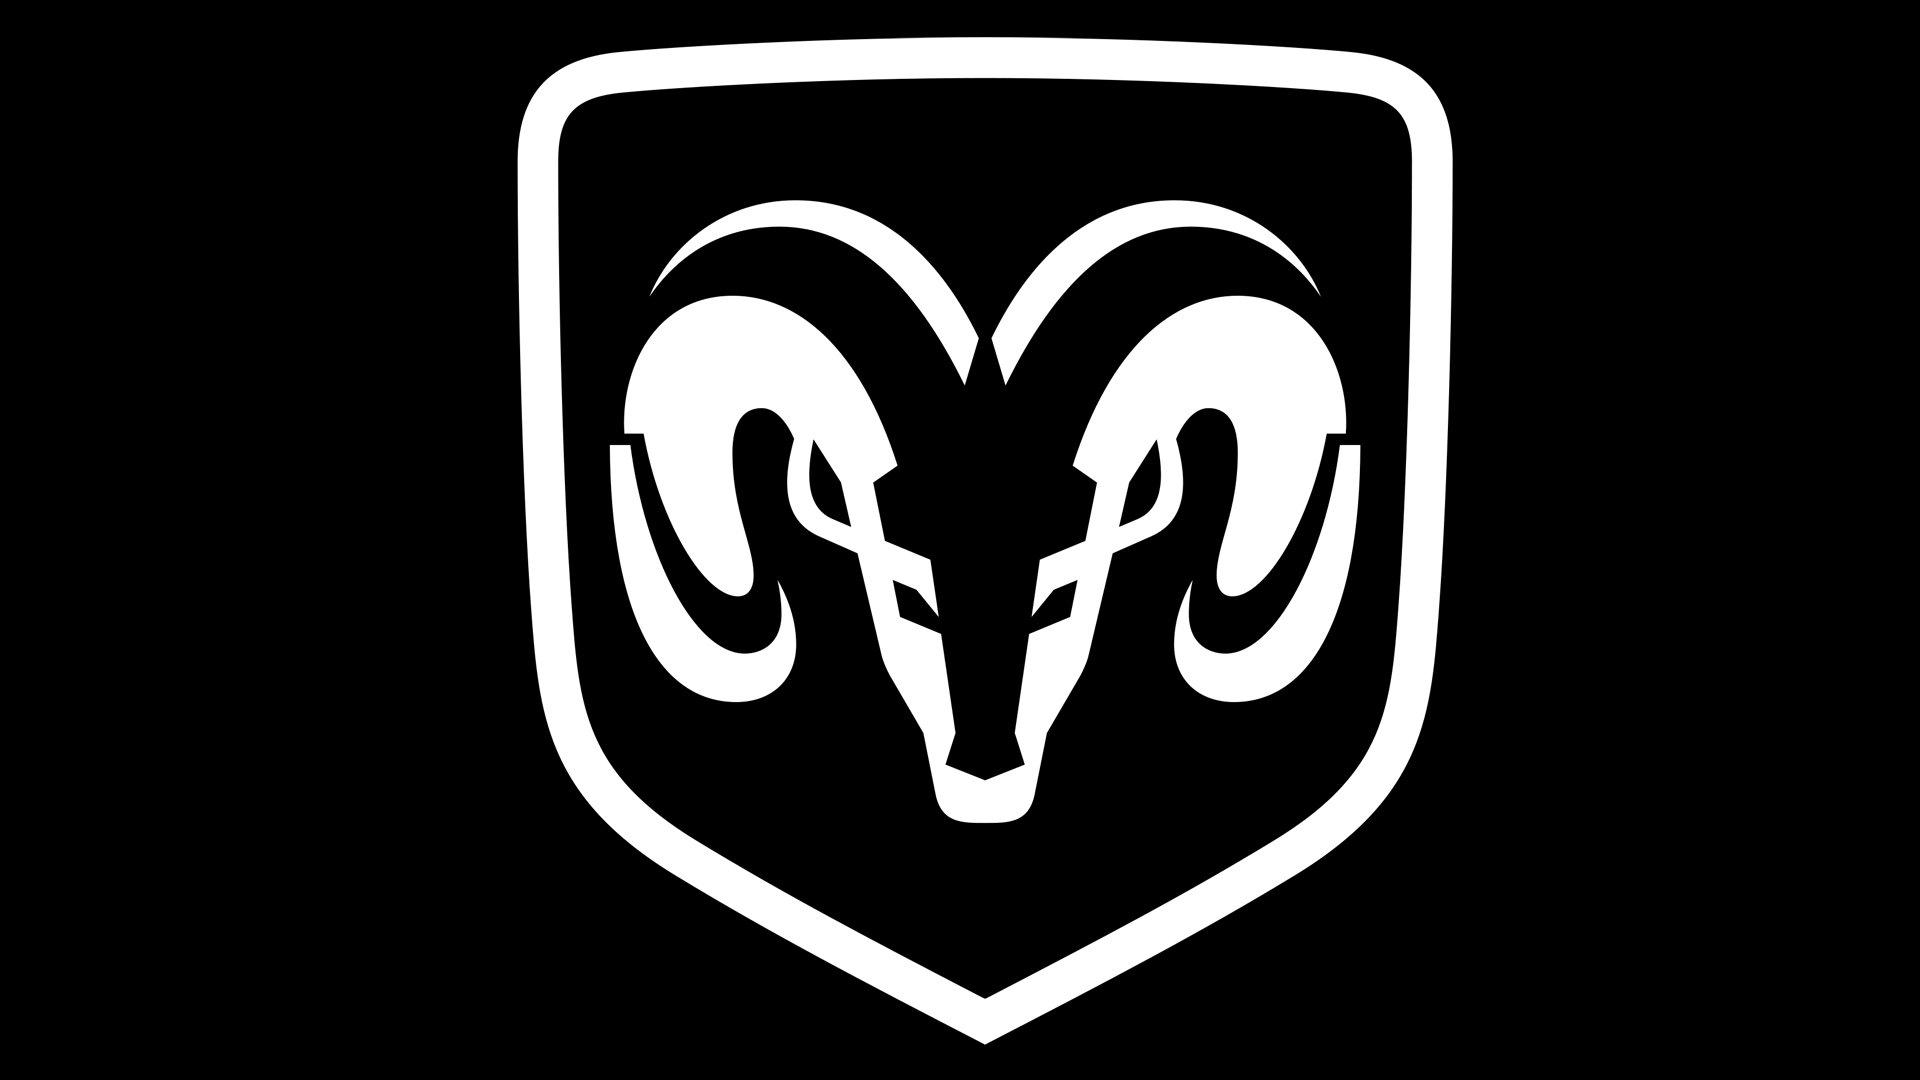 Dodge Logo, Dodge Symbol, Meaning, History and Evolution